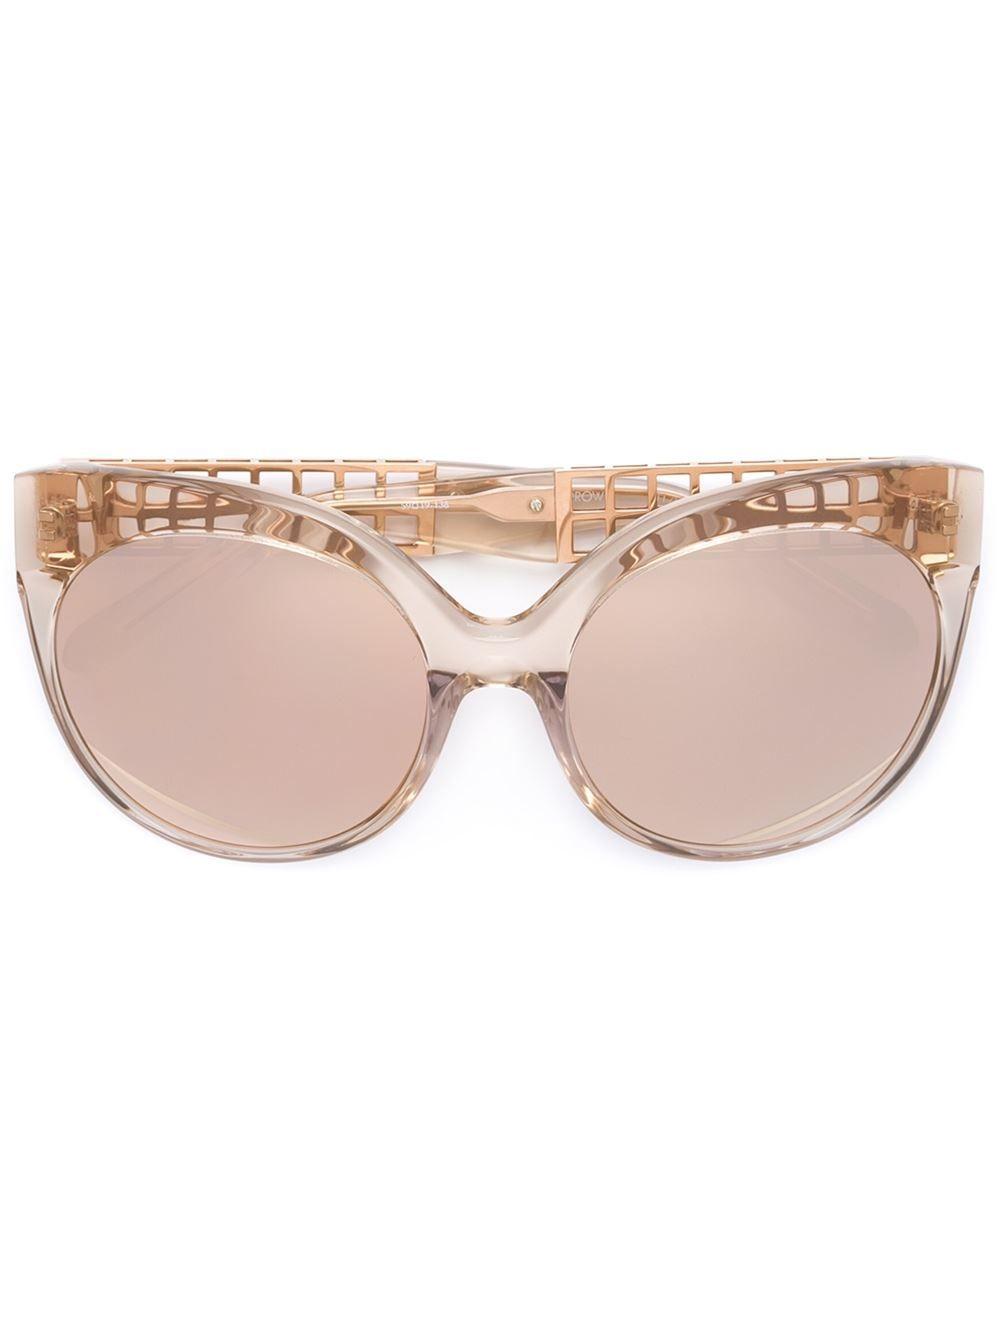 c7751b244c3d Linda Farrow cat-eye sunglasses